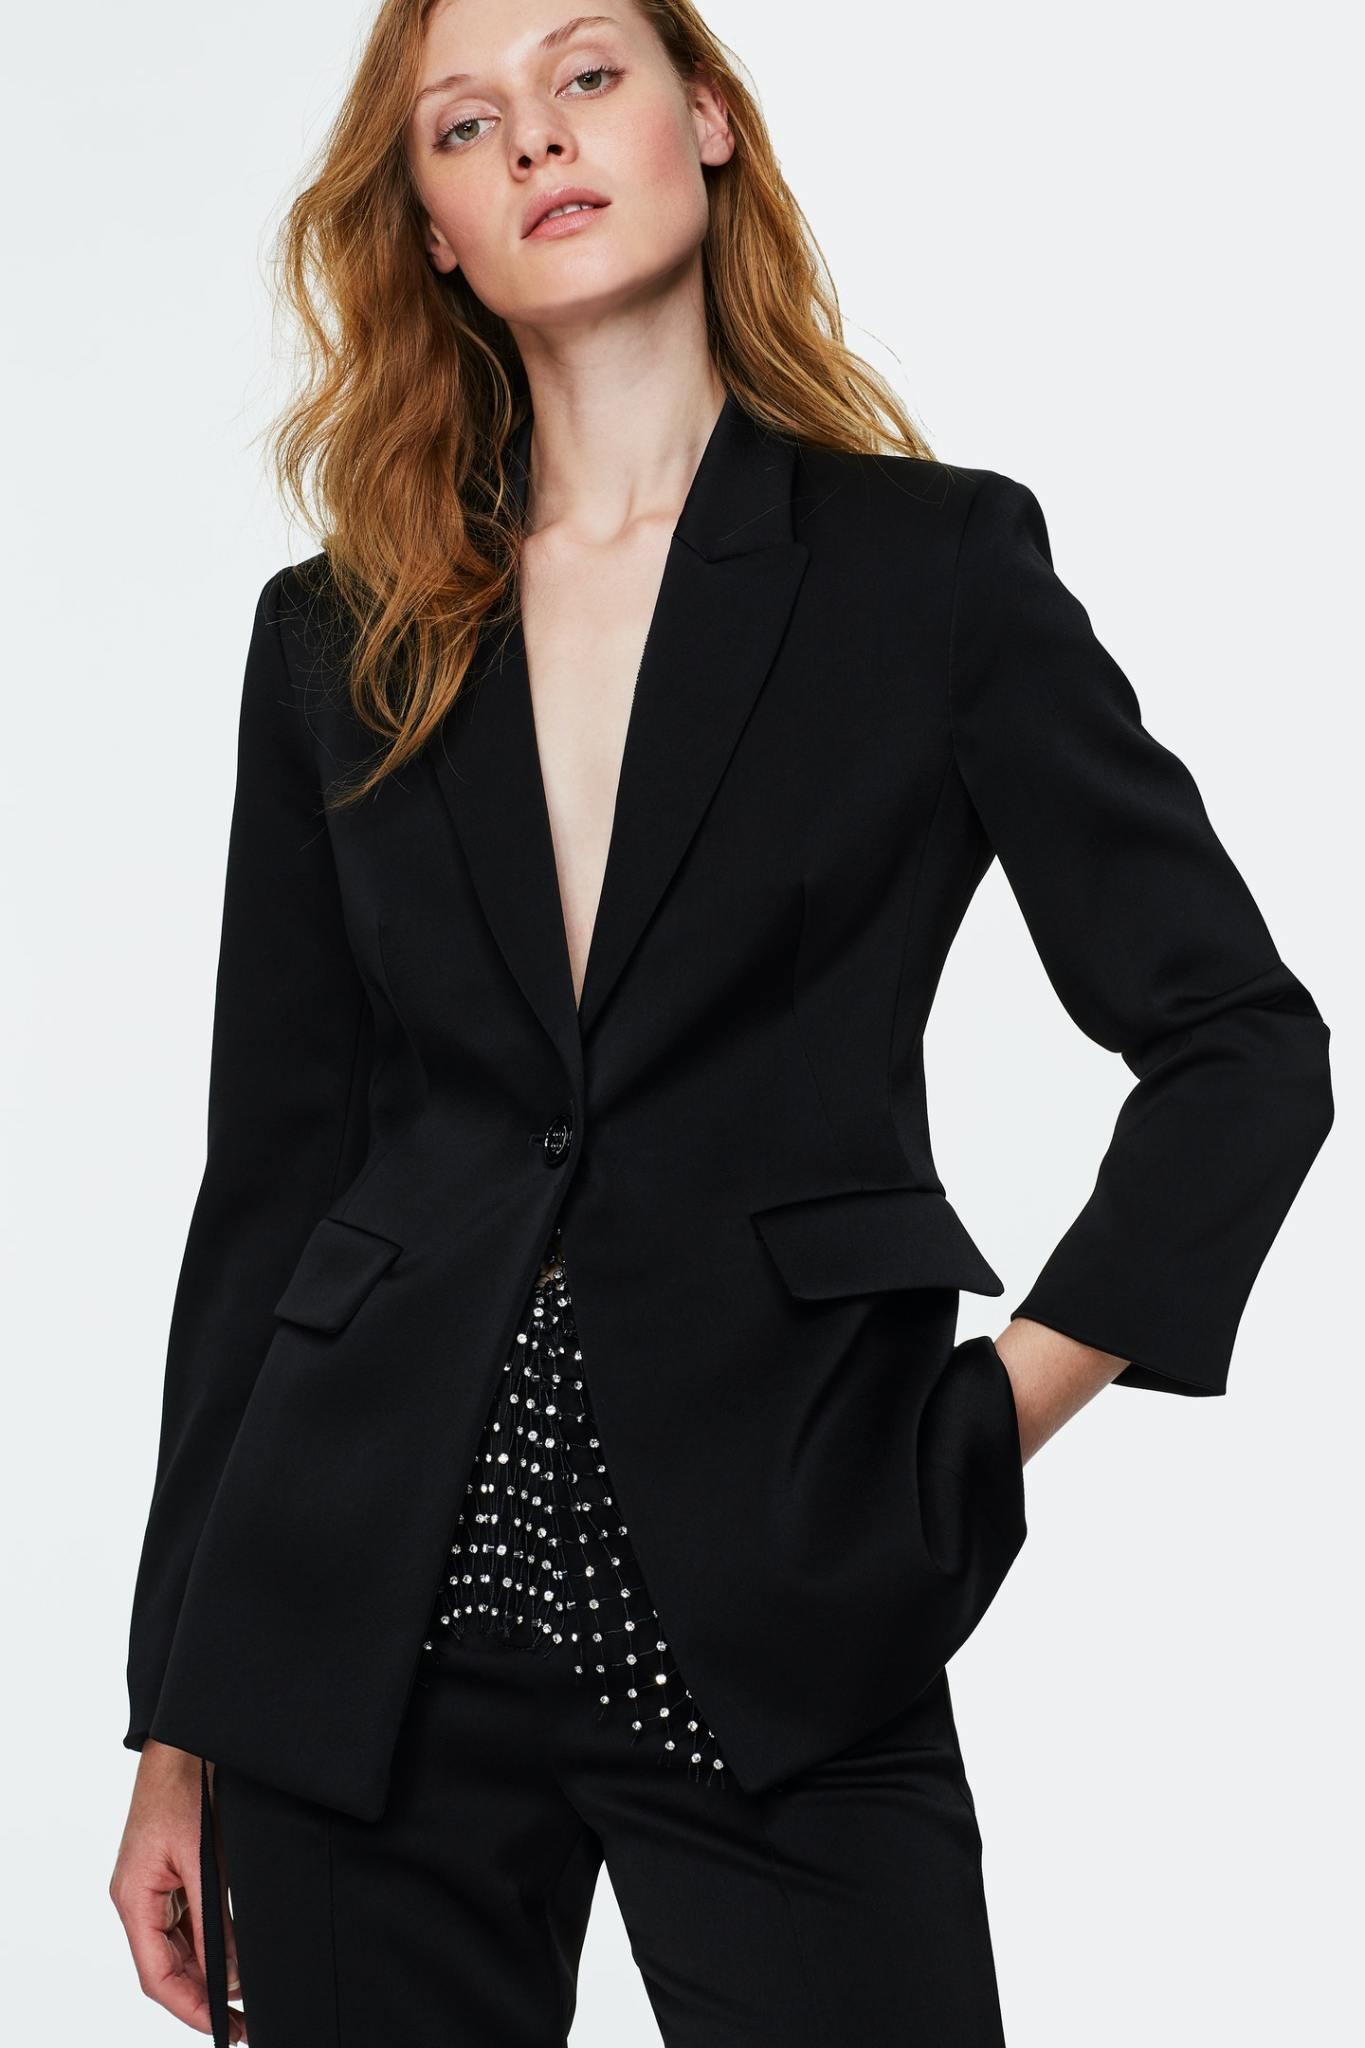 Classy statement jacket dorothee schumacher-5